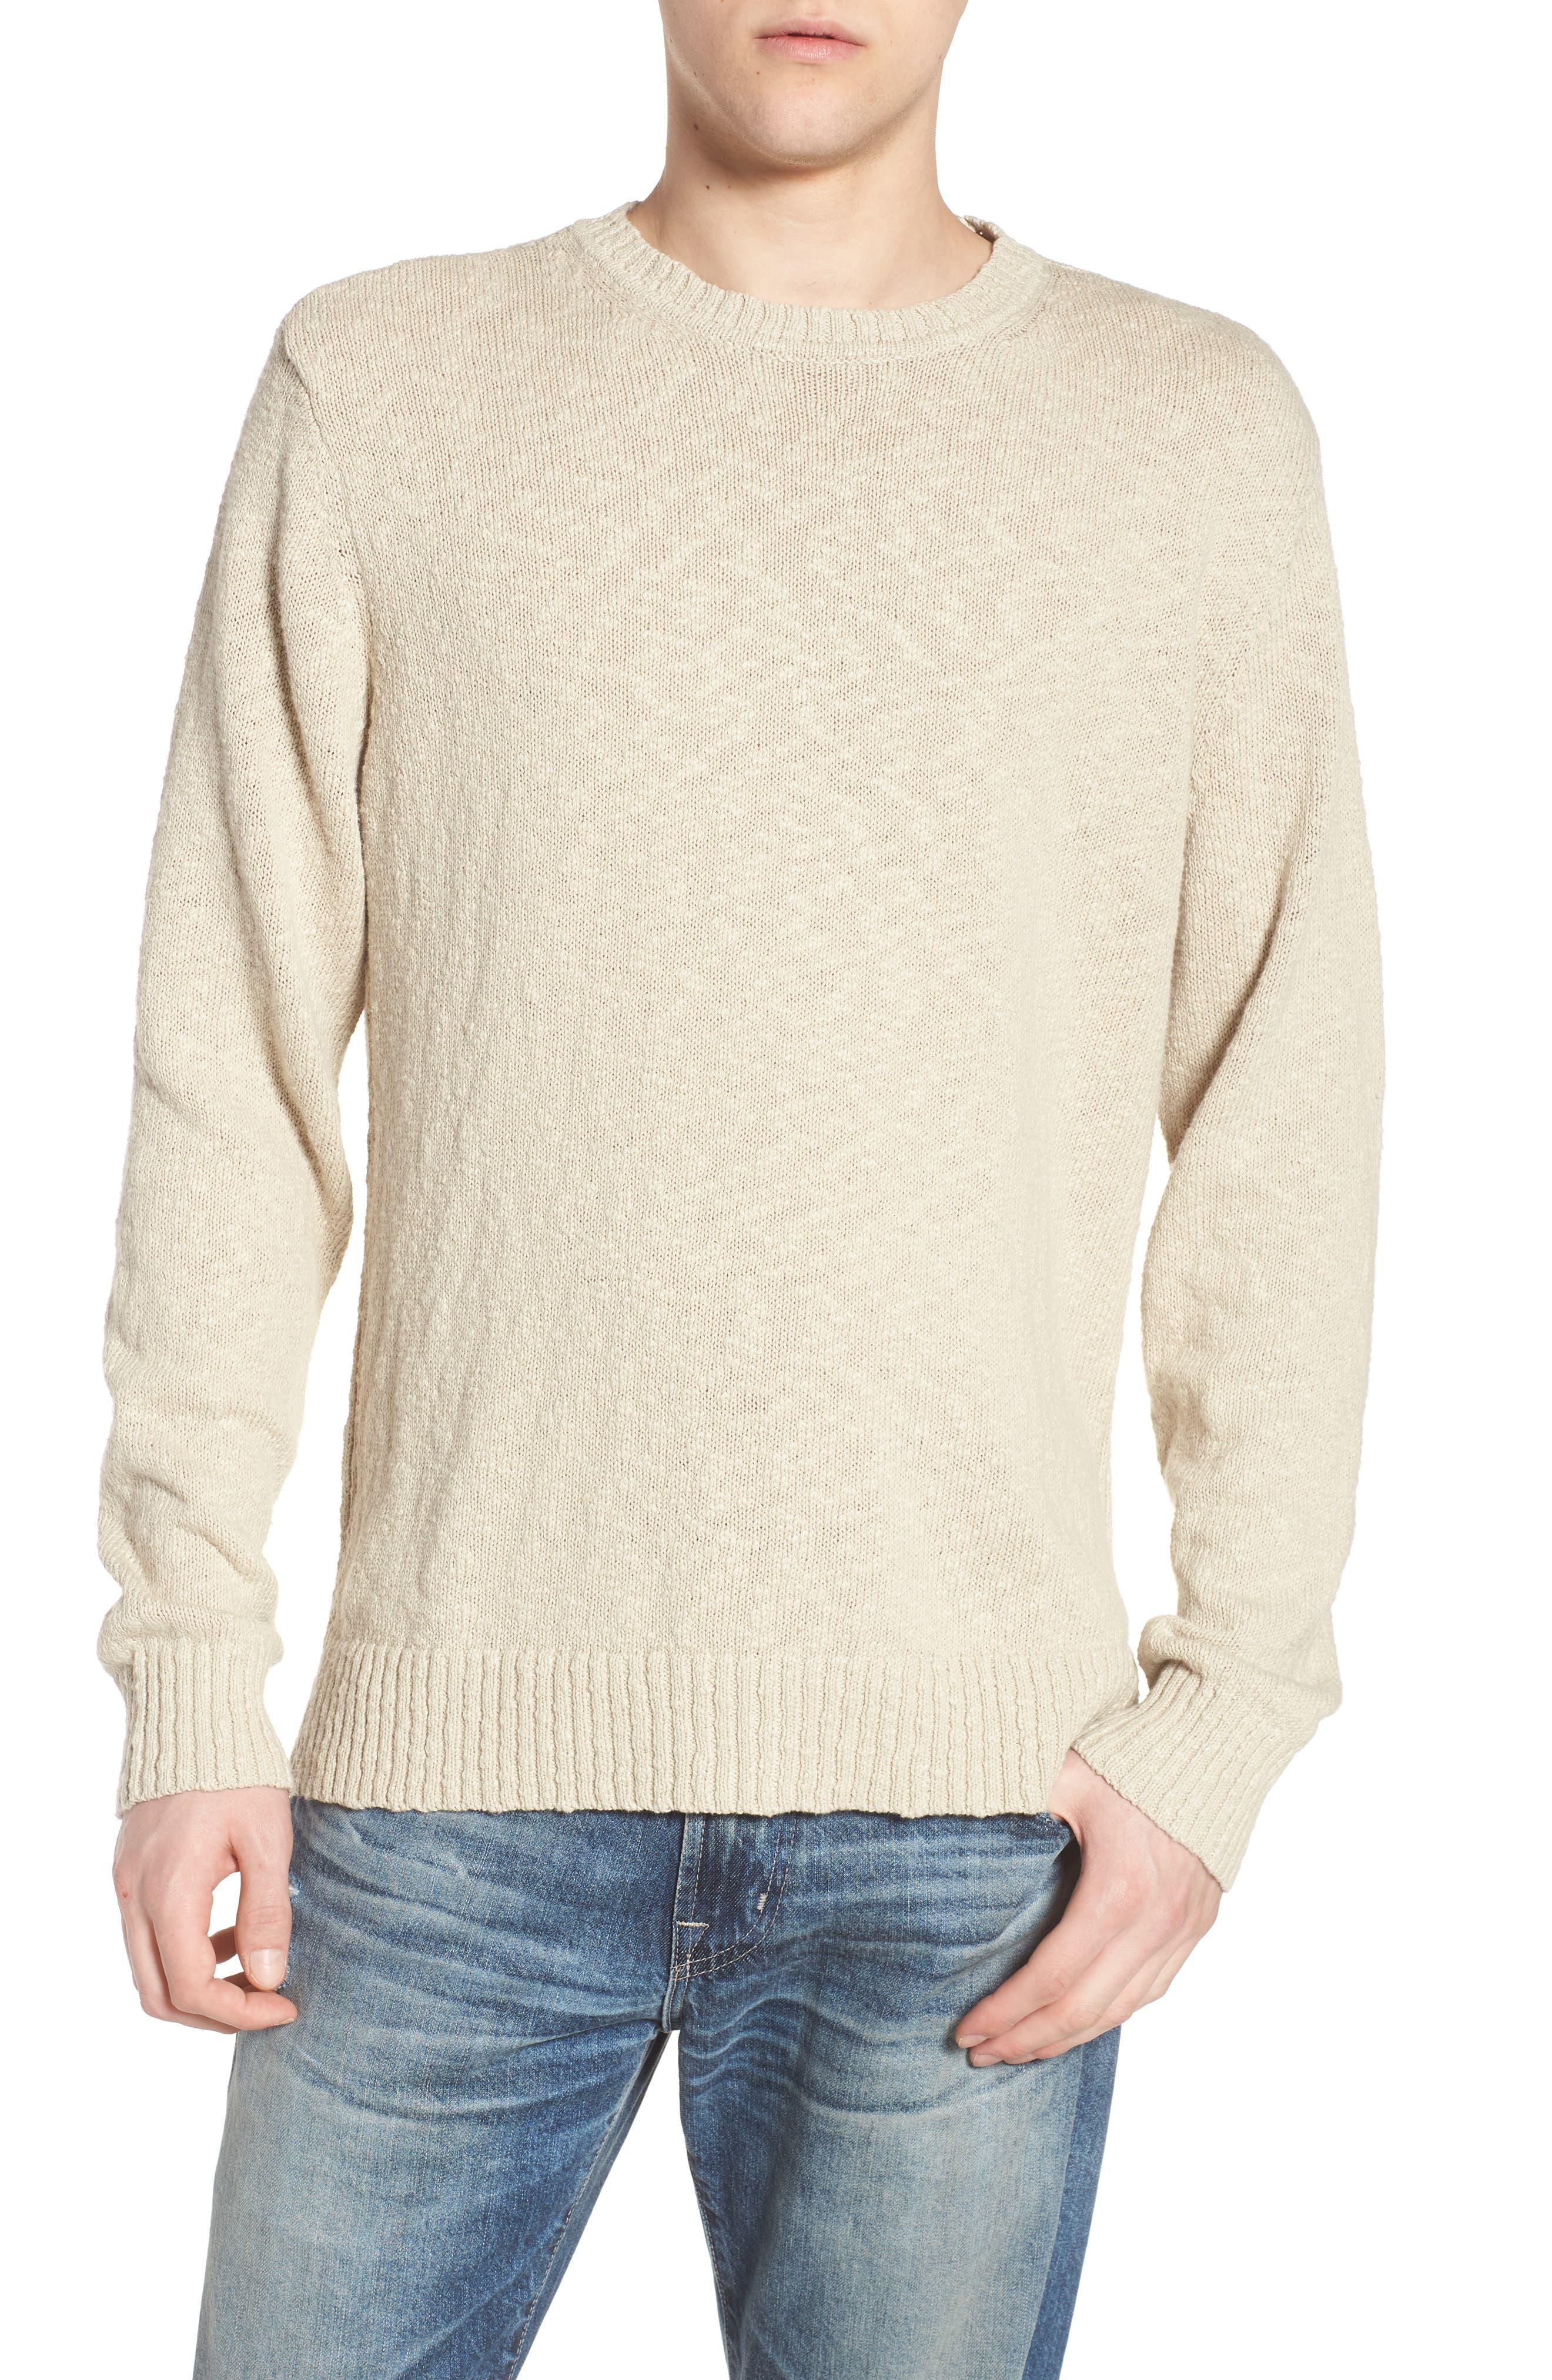 Deklyn Slim Fit Crew Sweater,                             Main thumbnail 1, color,